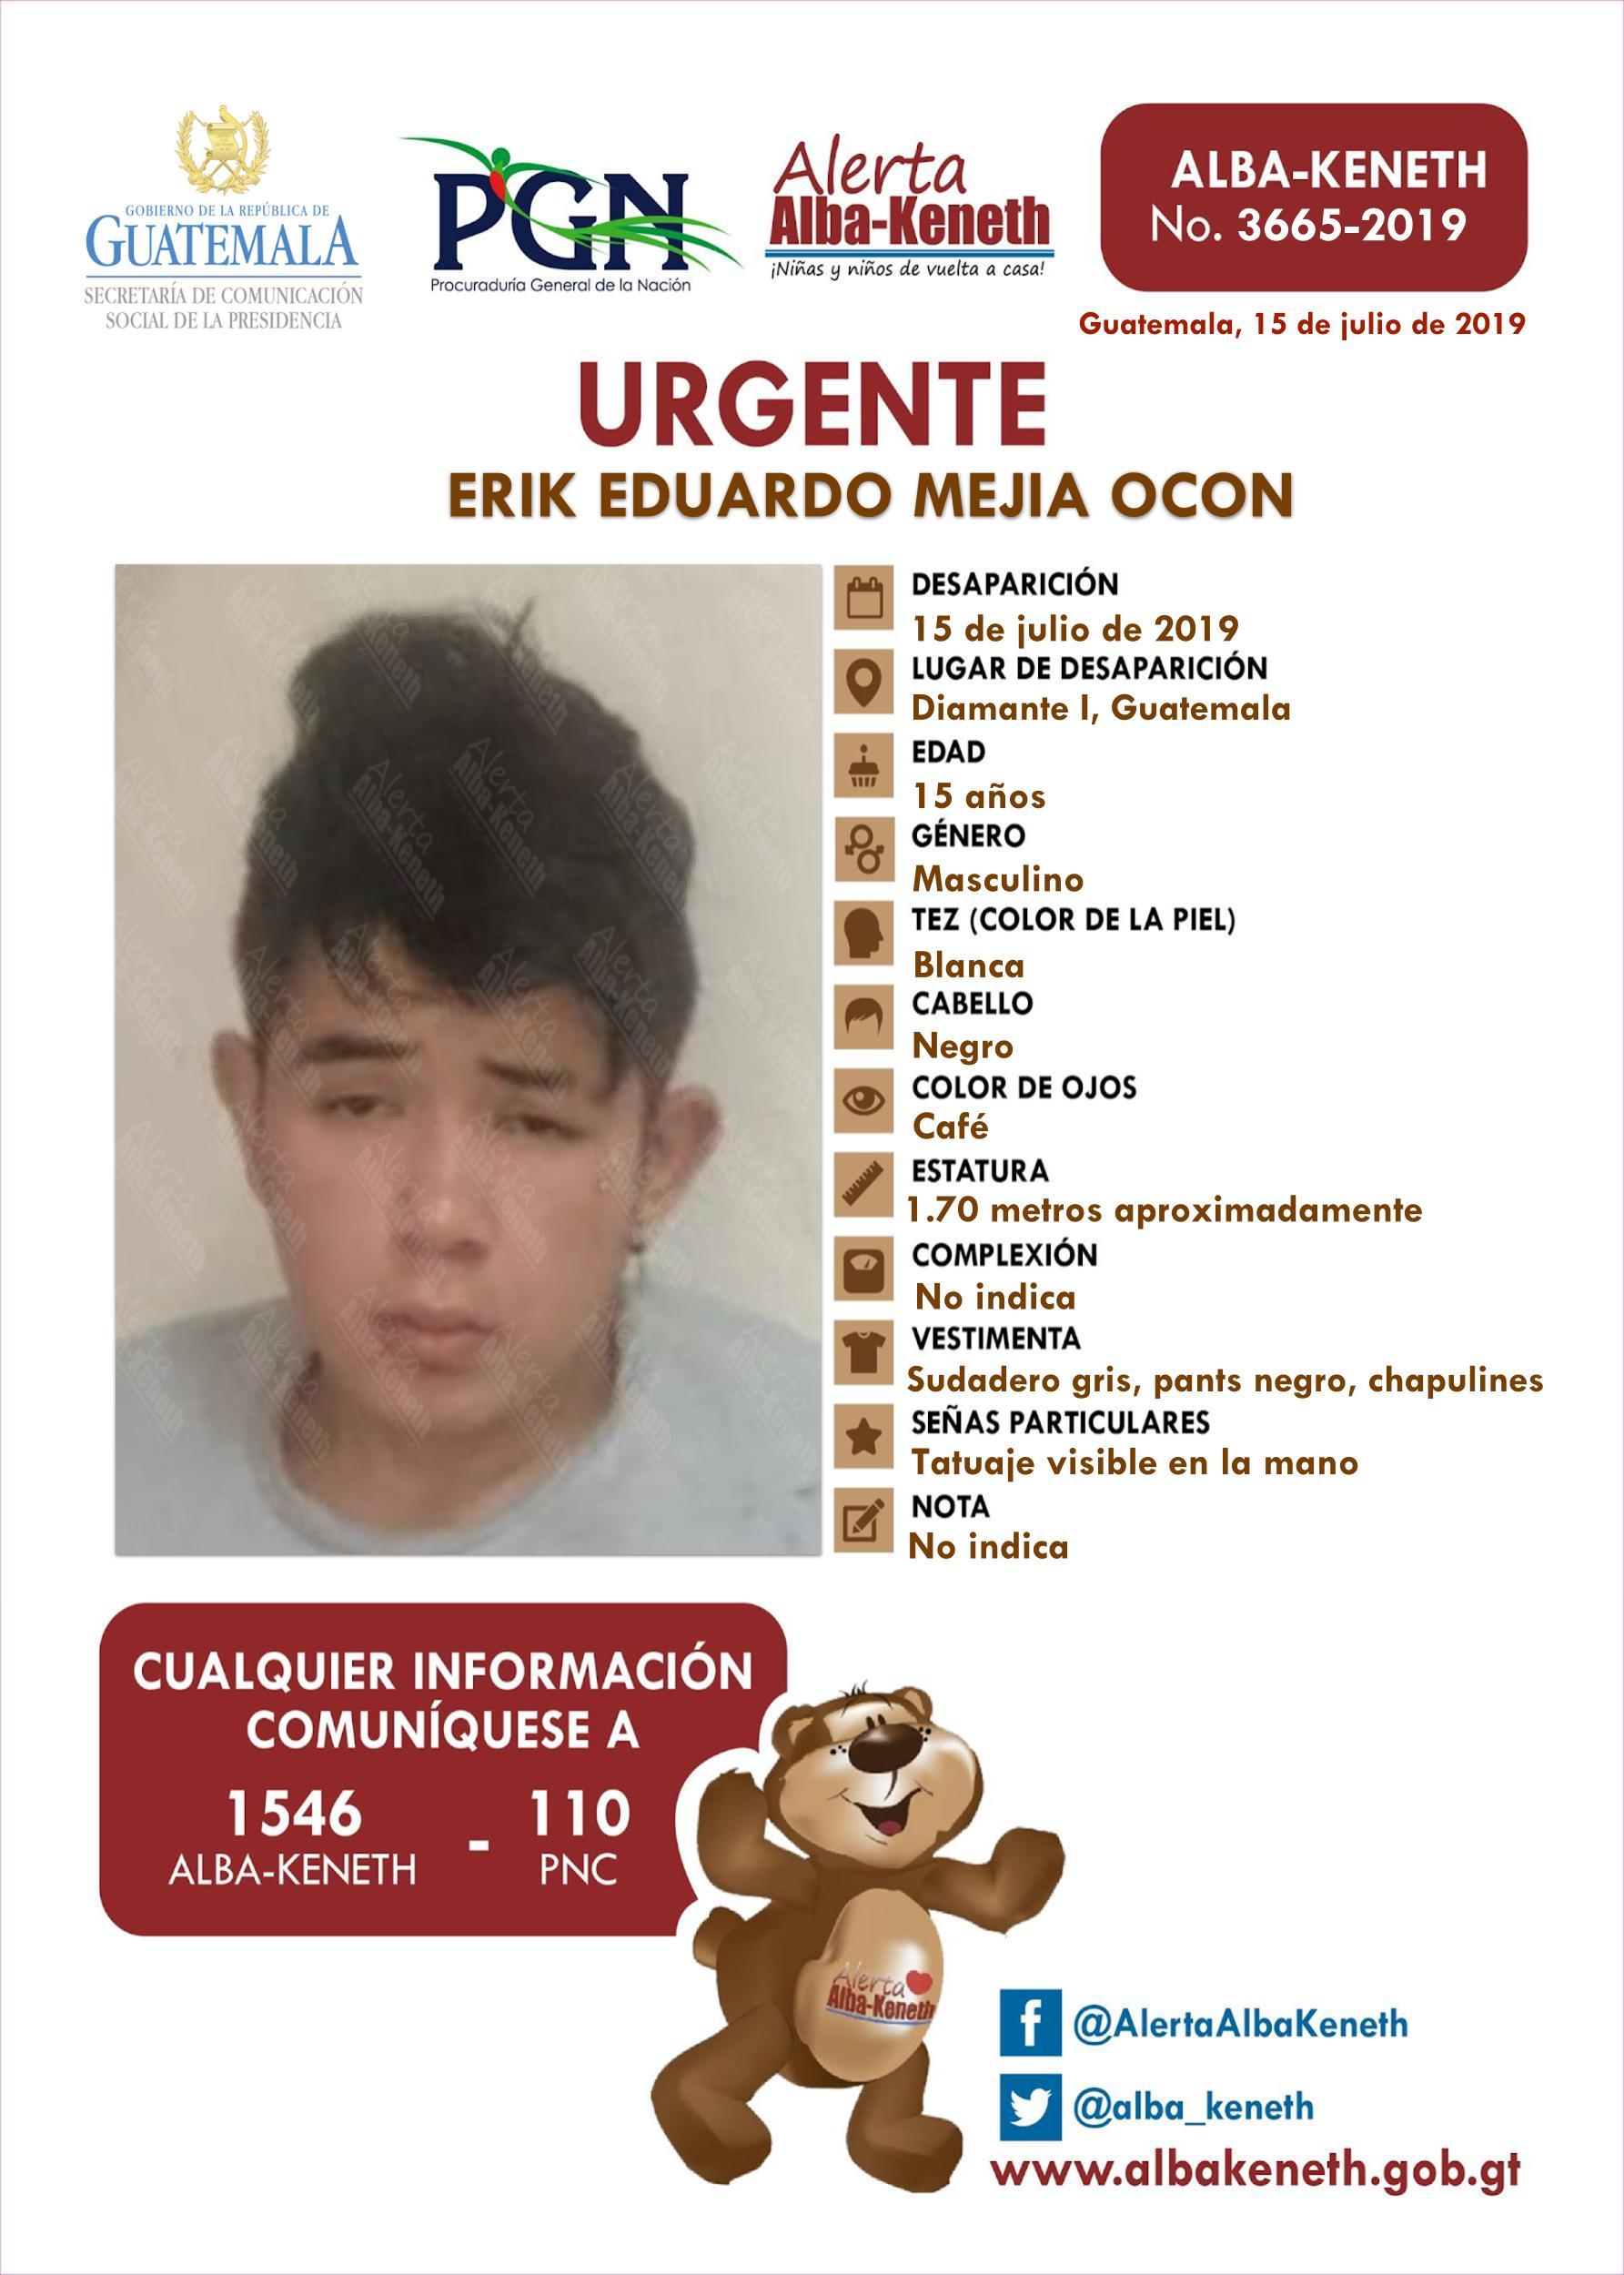 Erik Eduardo Mejia Ocon